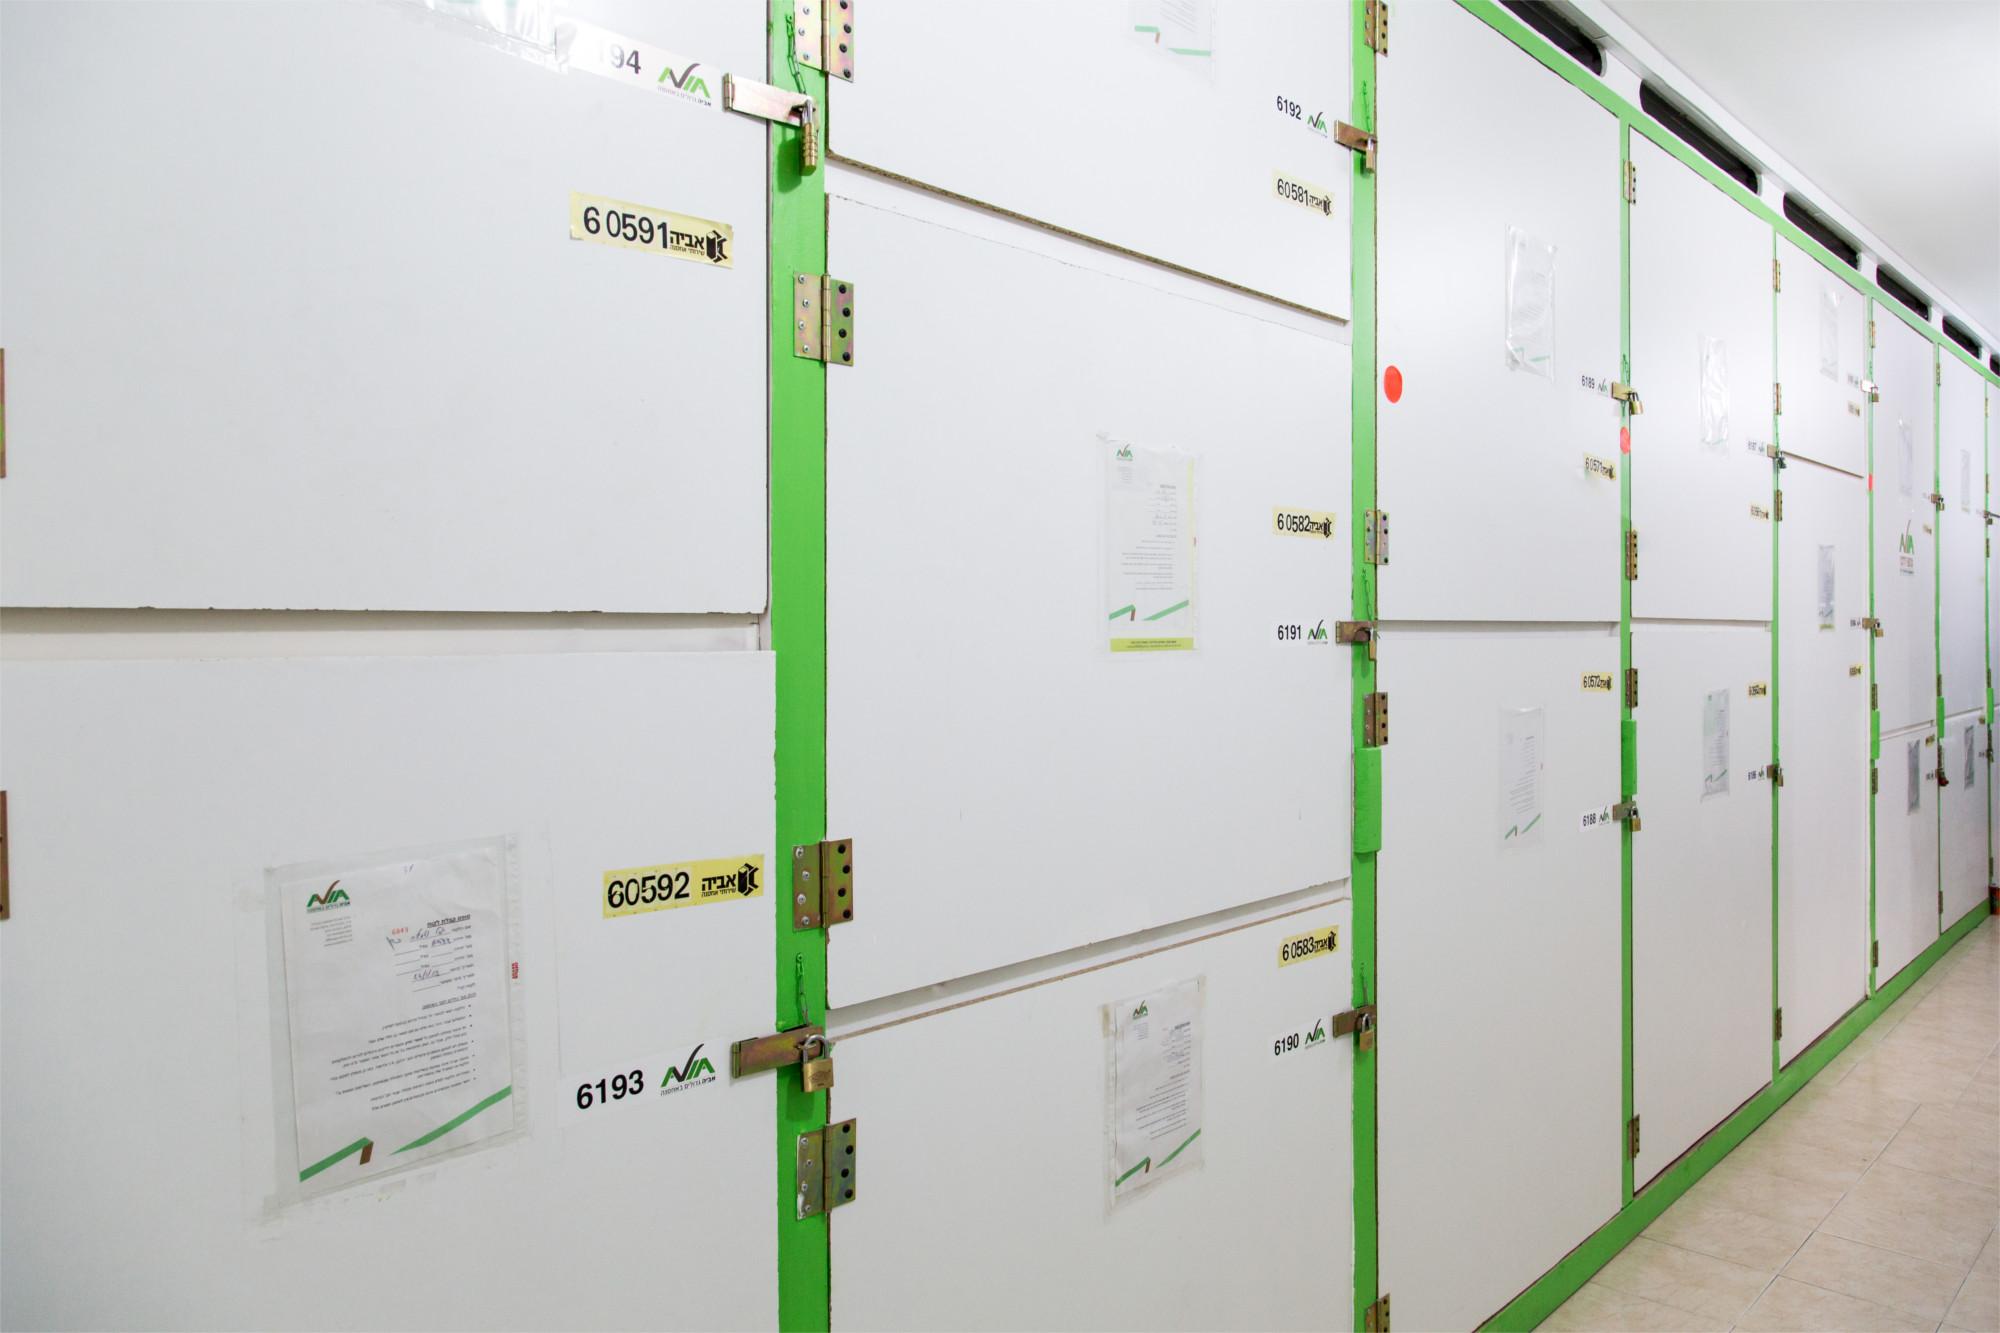 סניף חולון - יחידות אחסון | מחסנים להשכרה בחולון